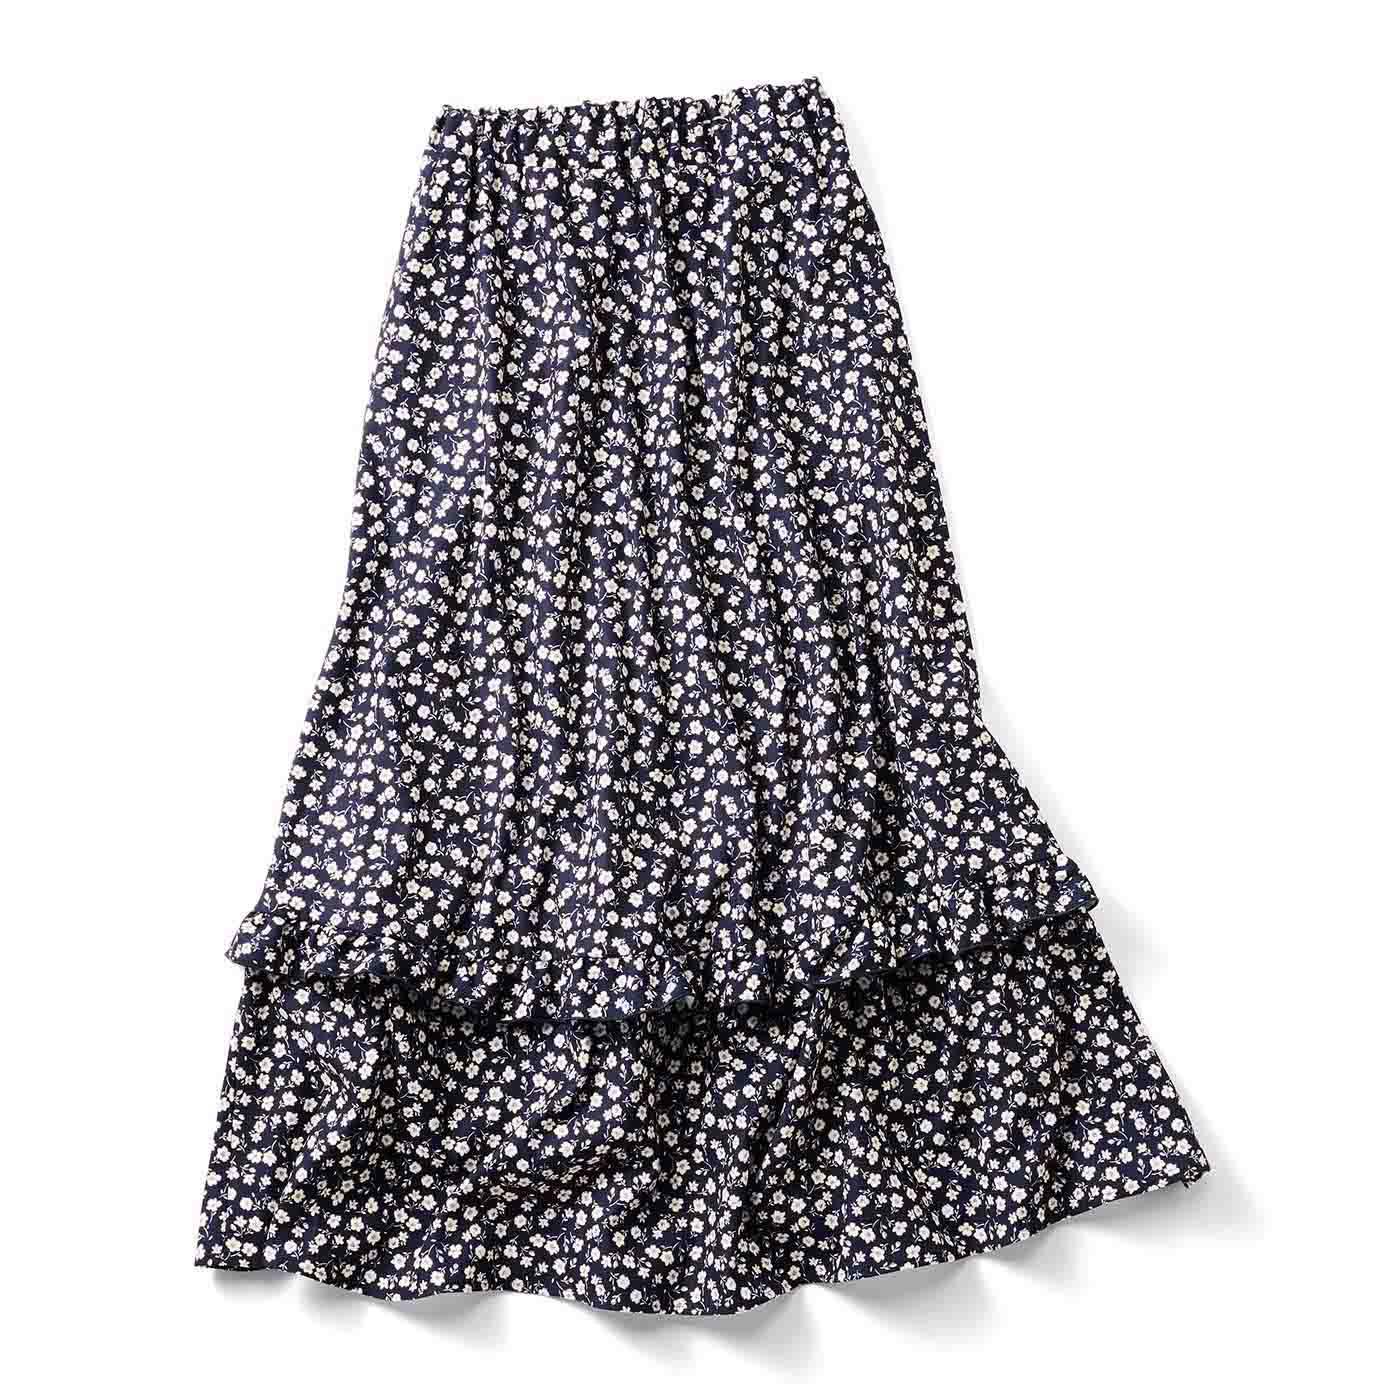 【3~10日でお届け】IEDIT[イディット] シャギーカットソー裏地付きのあったかプリントロングスカート〈ネイビー〉